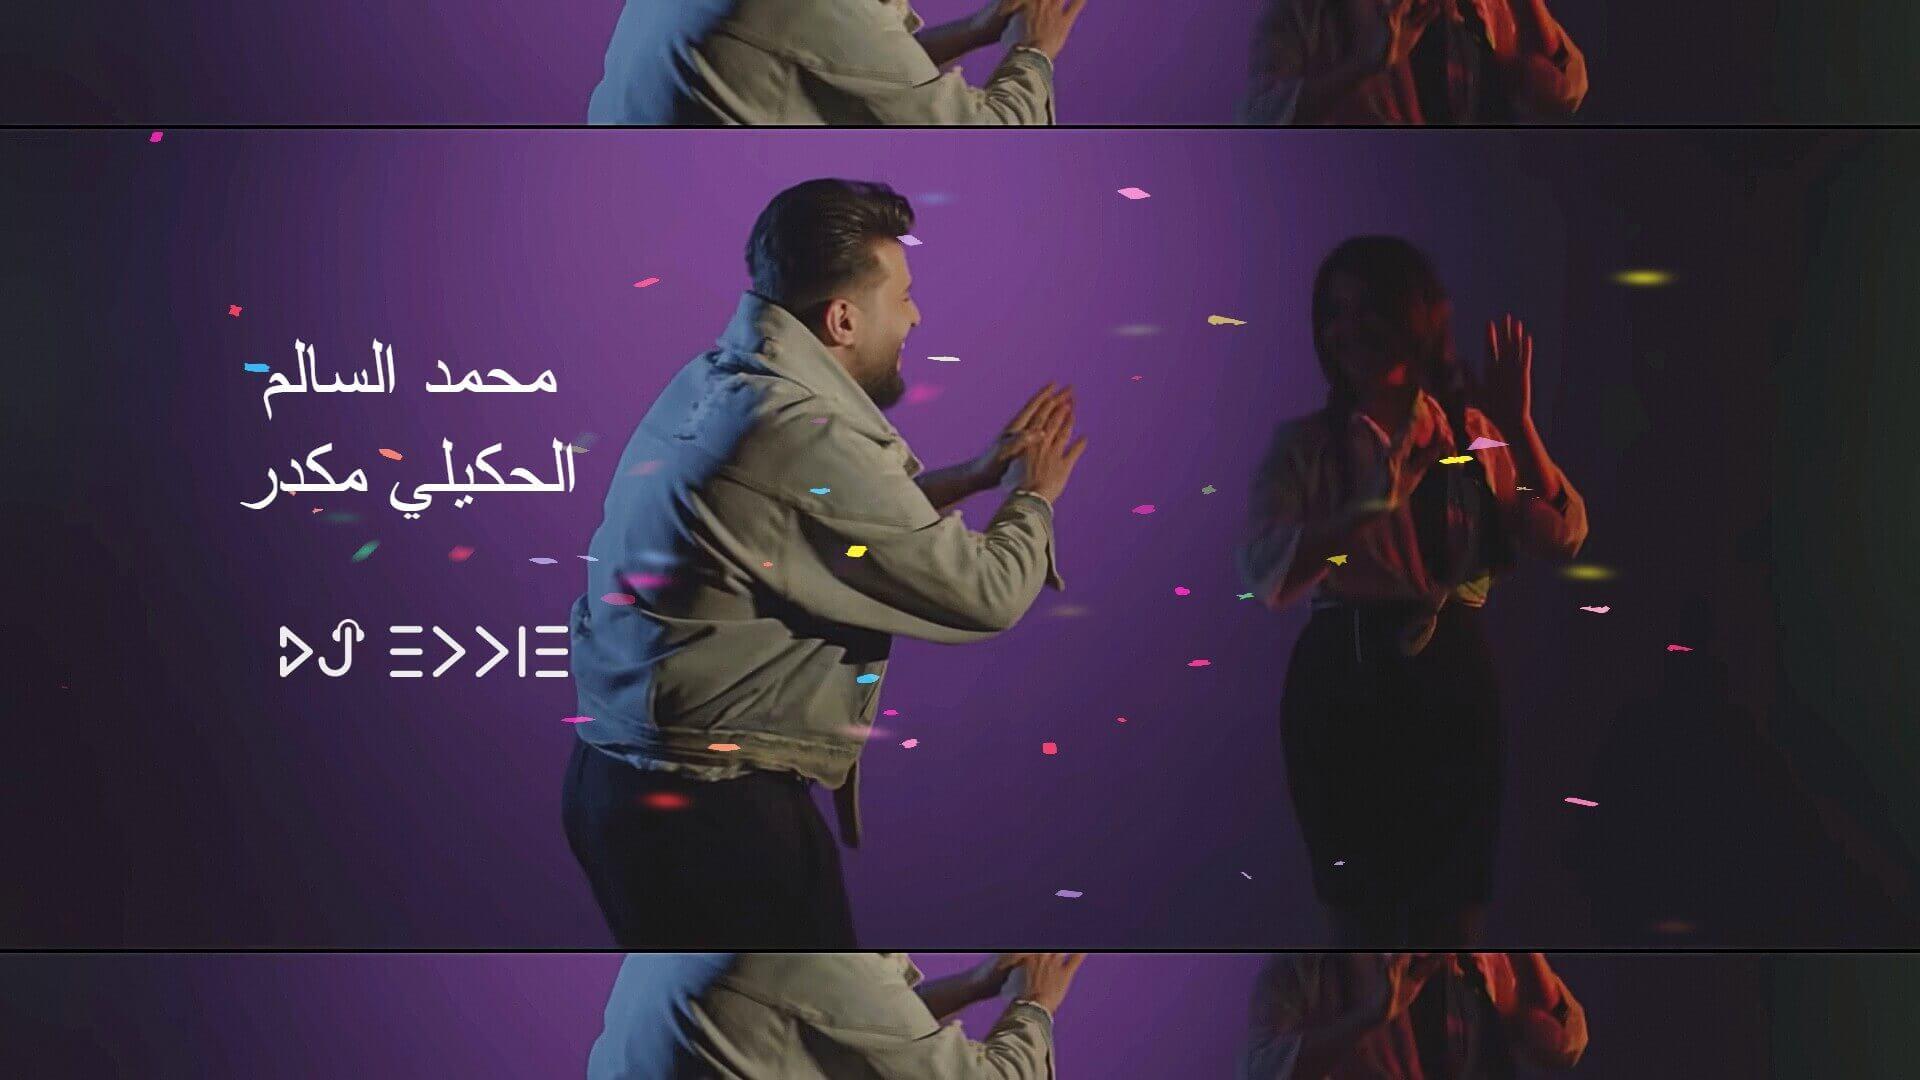 محمد السالم - الحكيلي مكدر Mohamed Alsalim - Absom Bel Dam